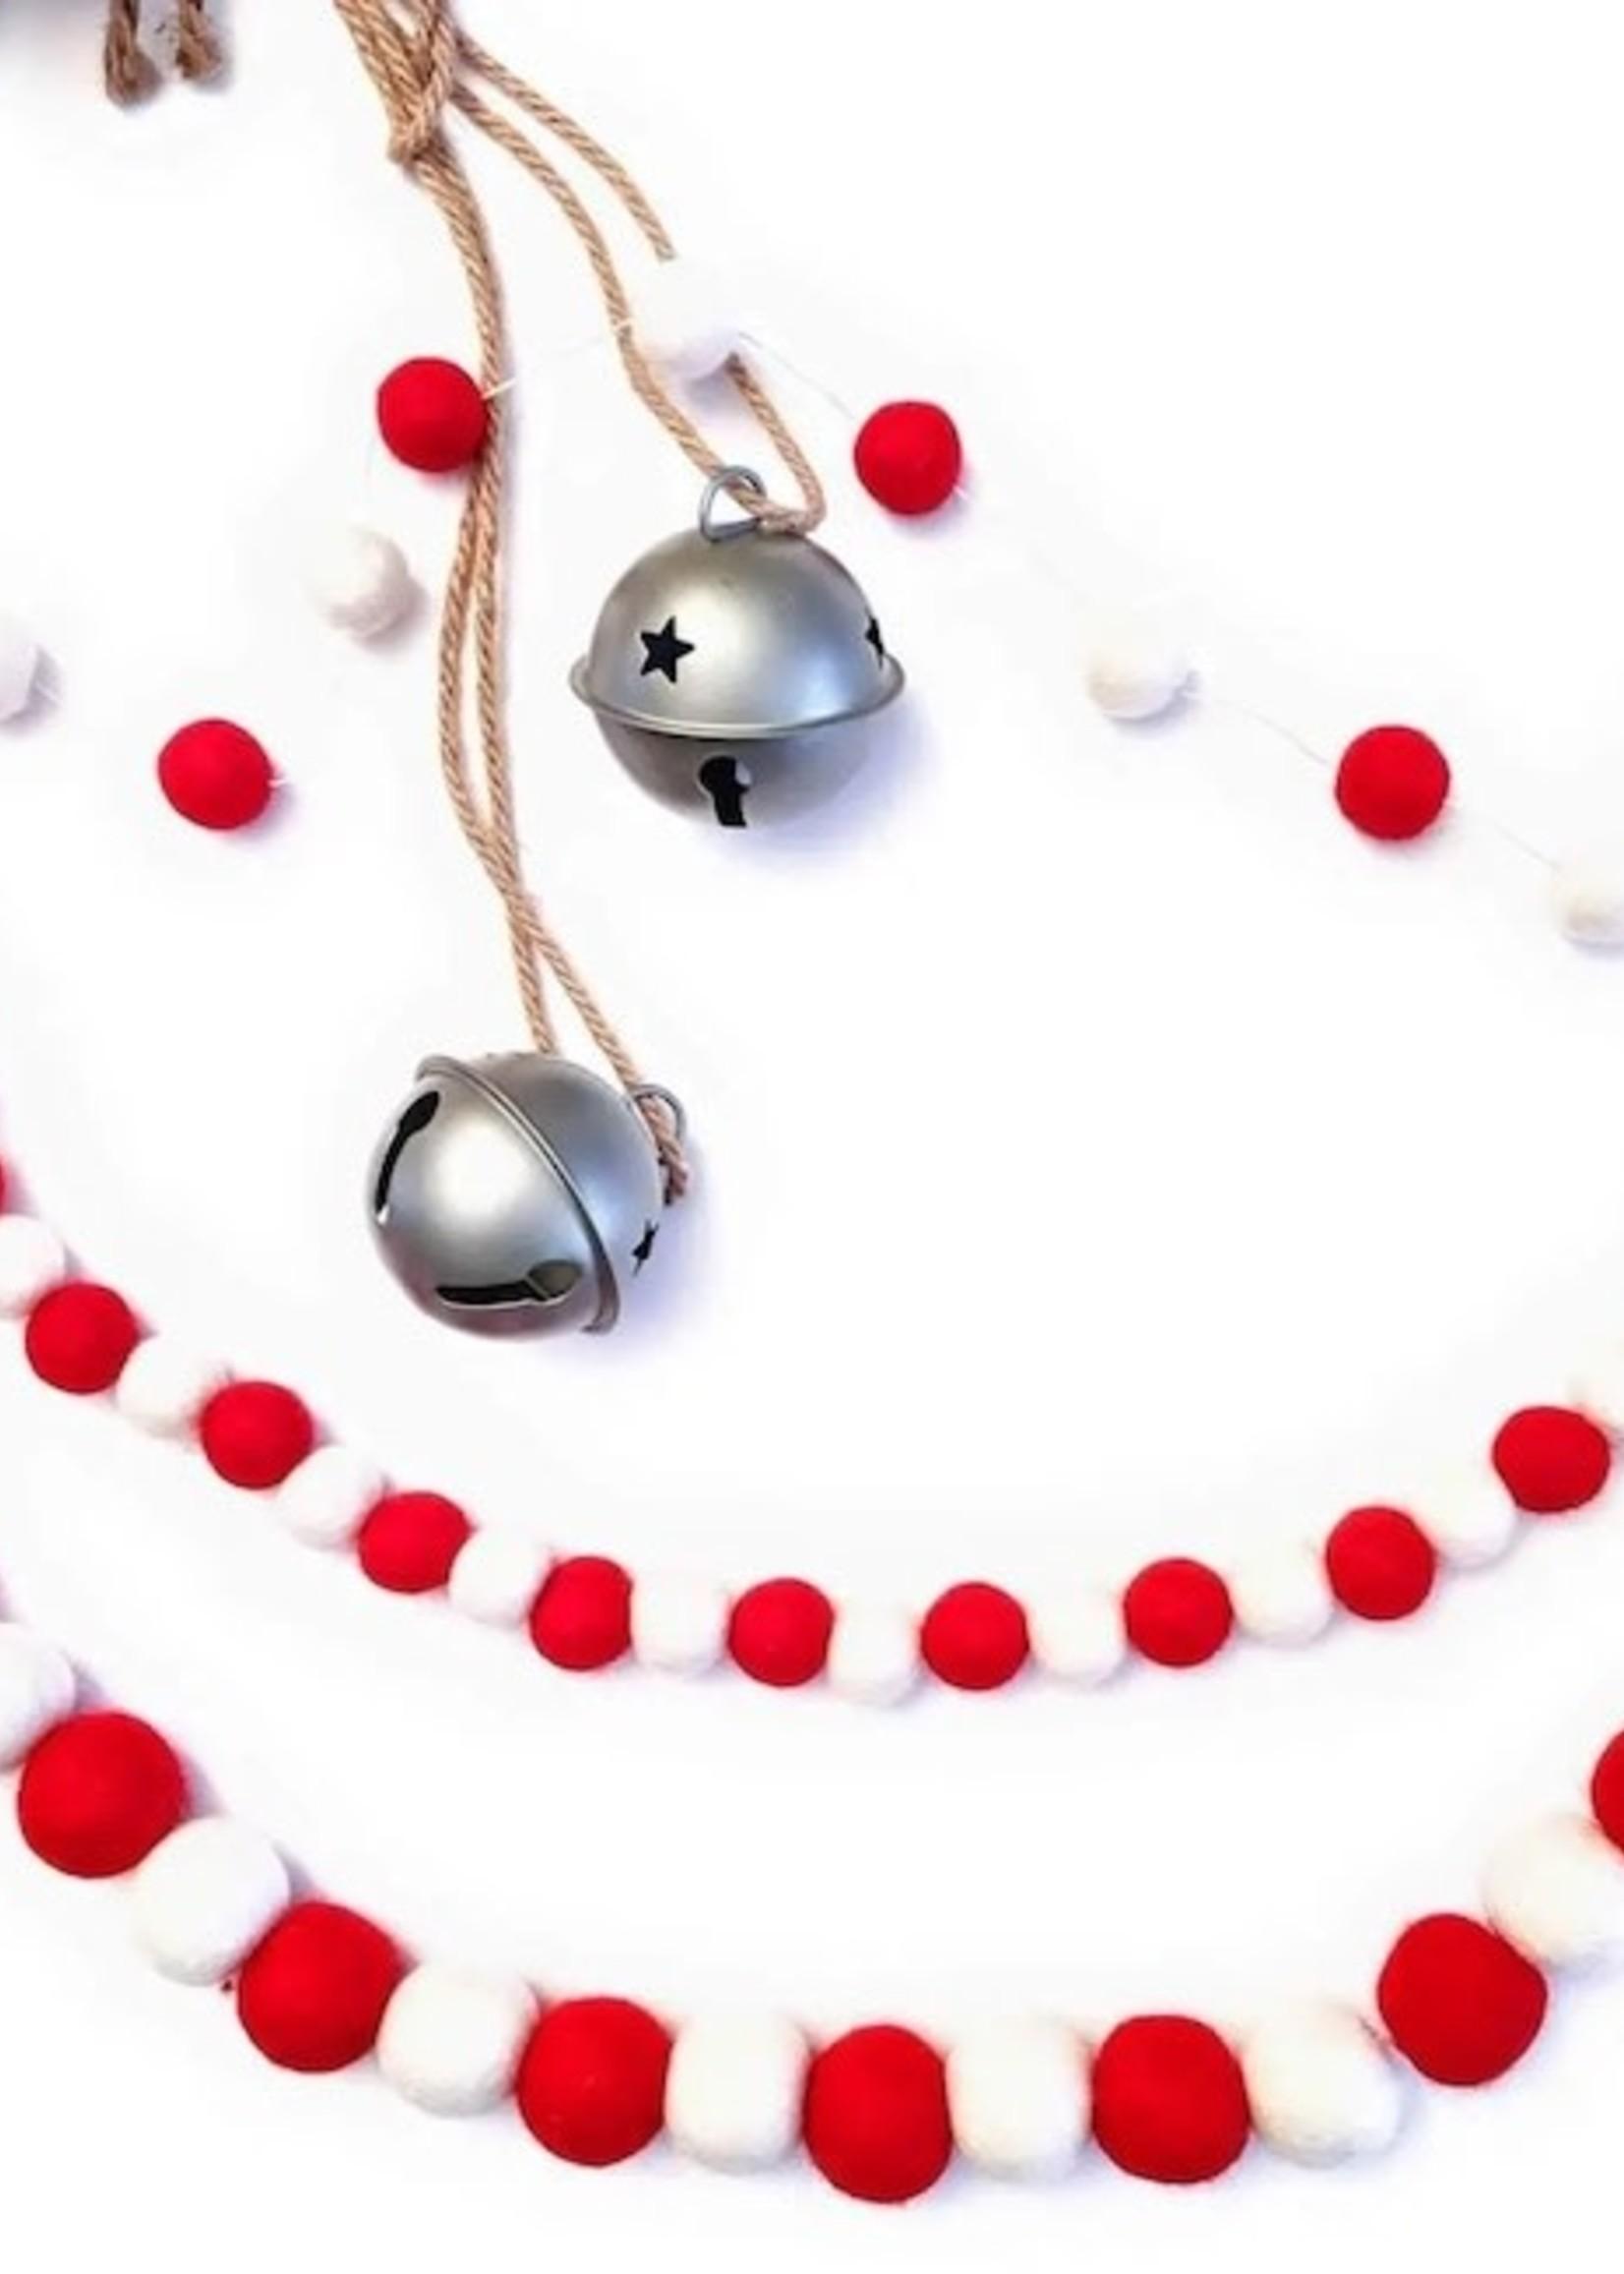 Friendsheep Eco Garland Red & White